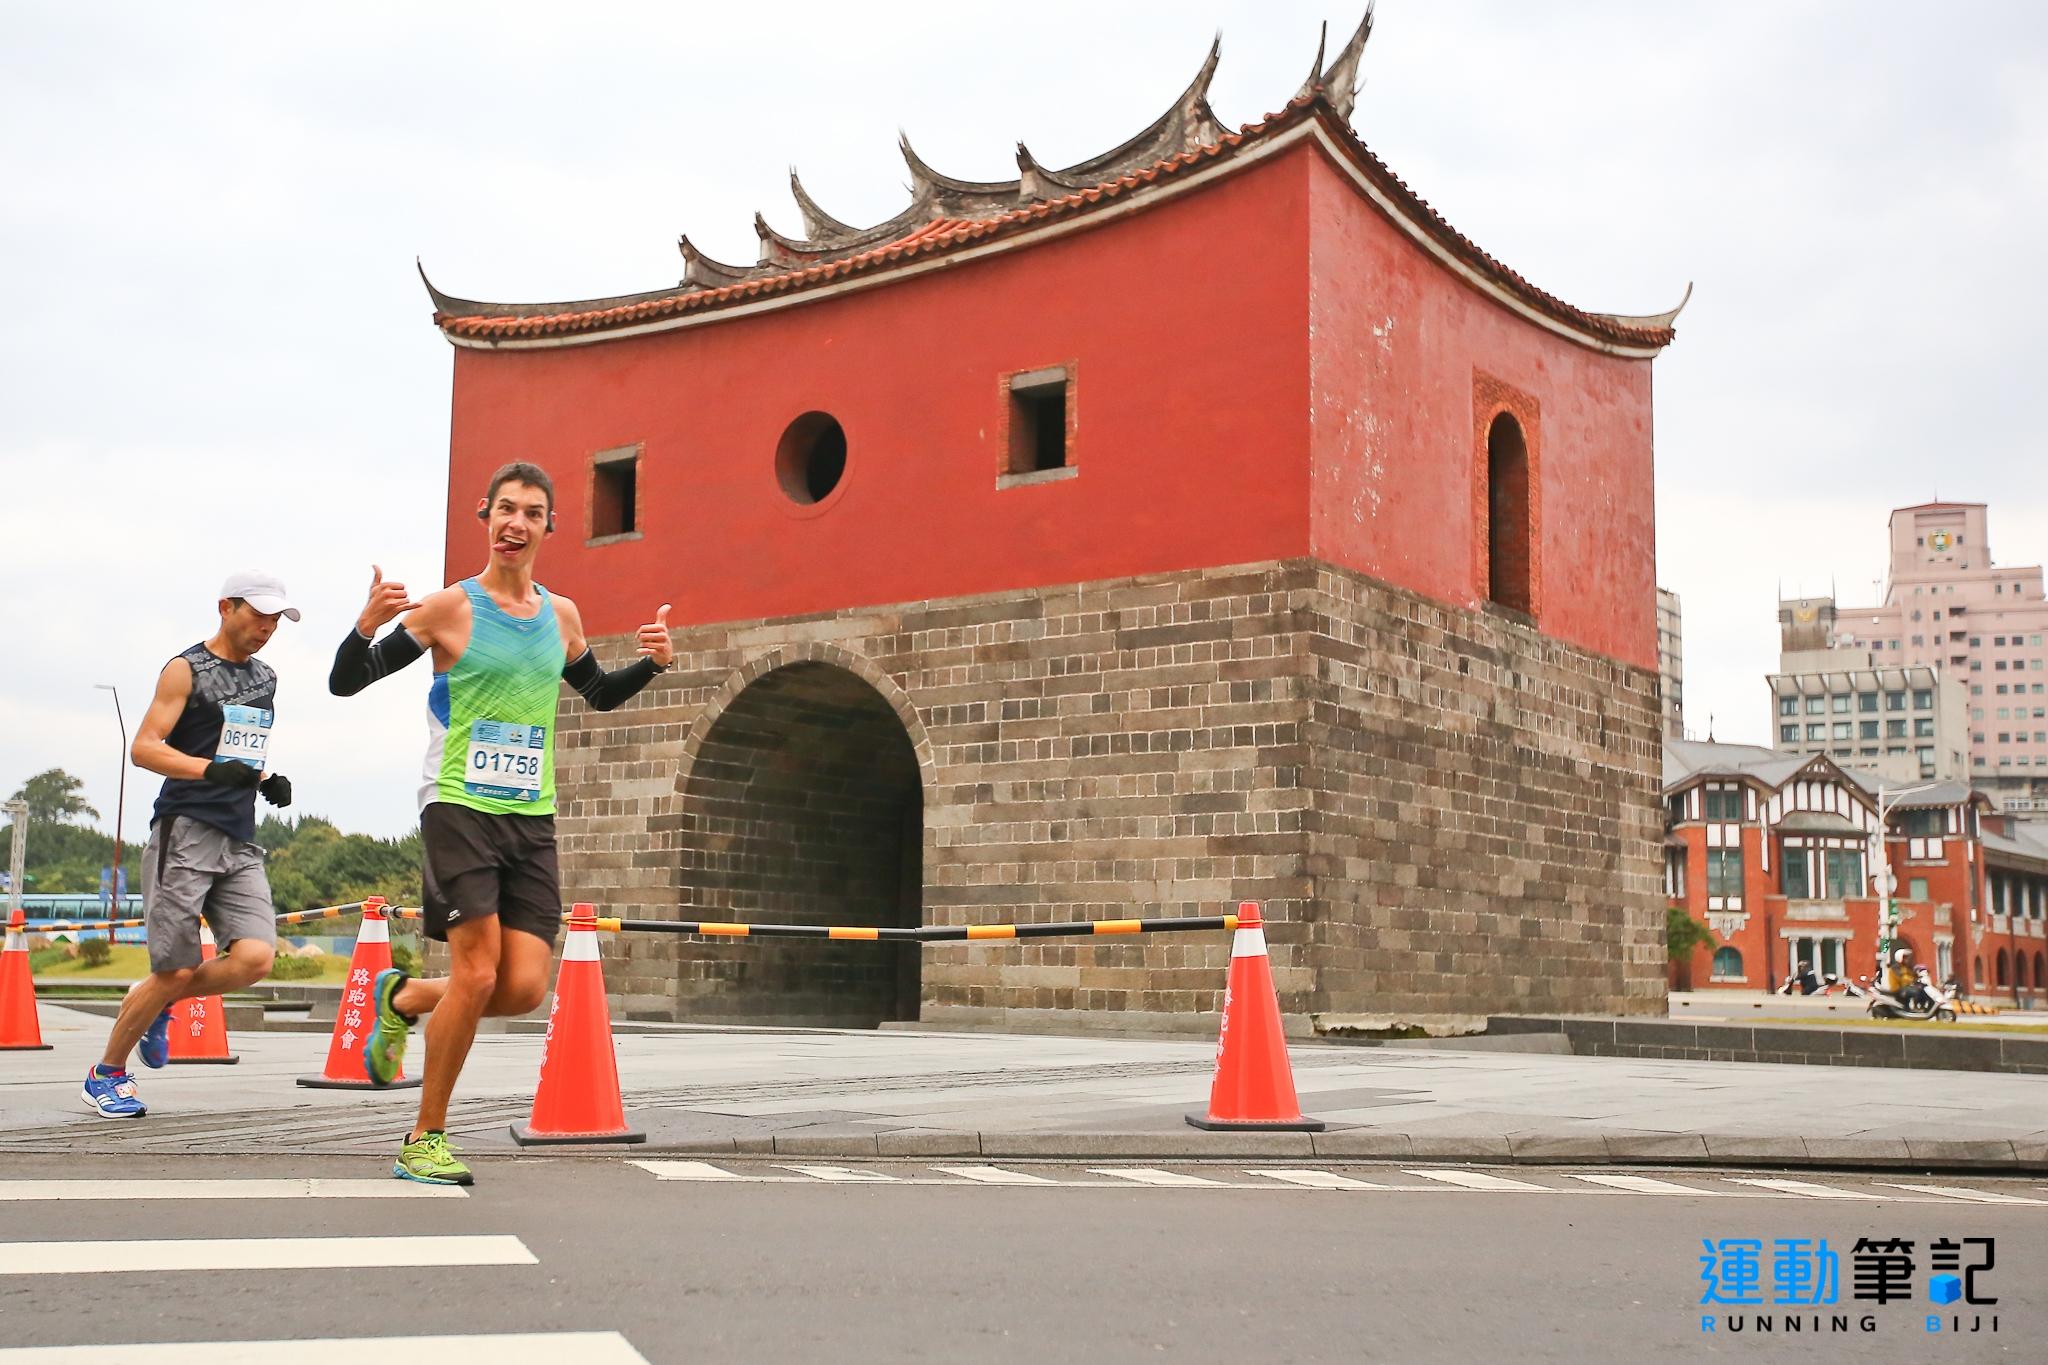 tpemarathon